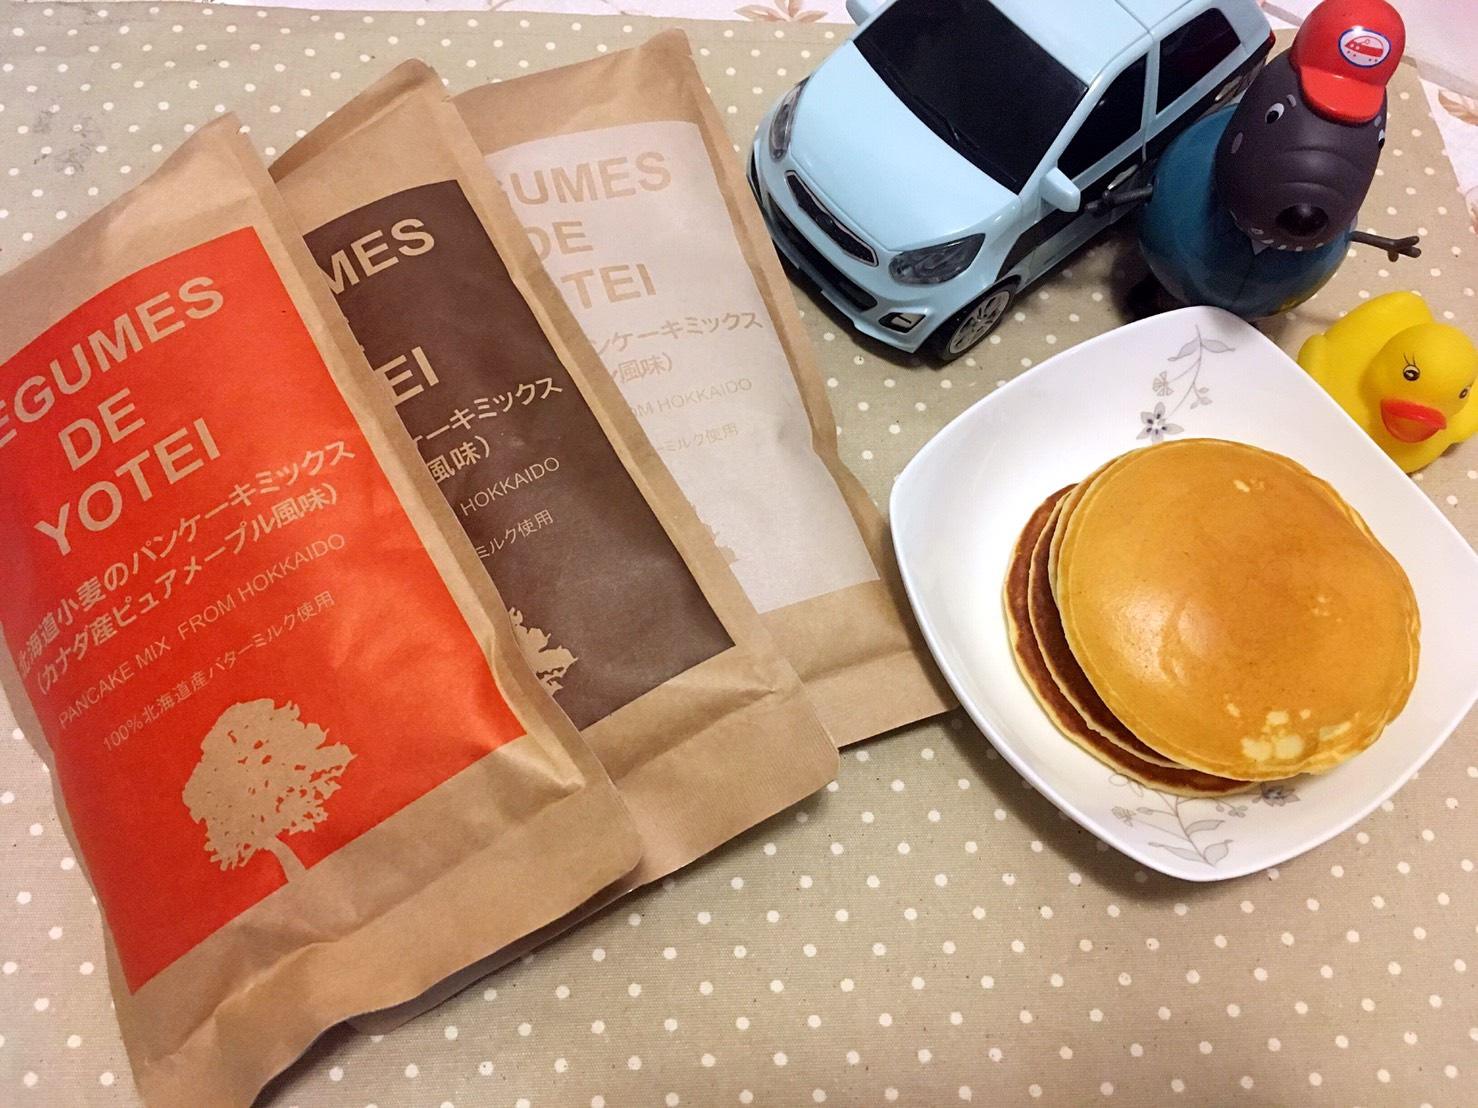 北海道LEGUMES DE YOTEI小麥鬆餅粉,早餐桌上的快速選擇